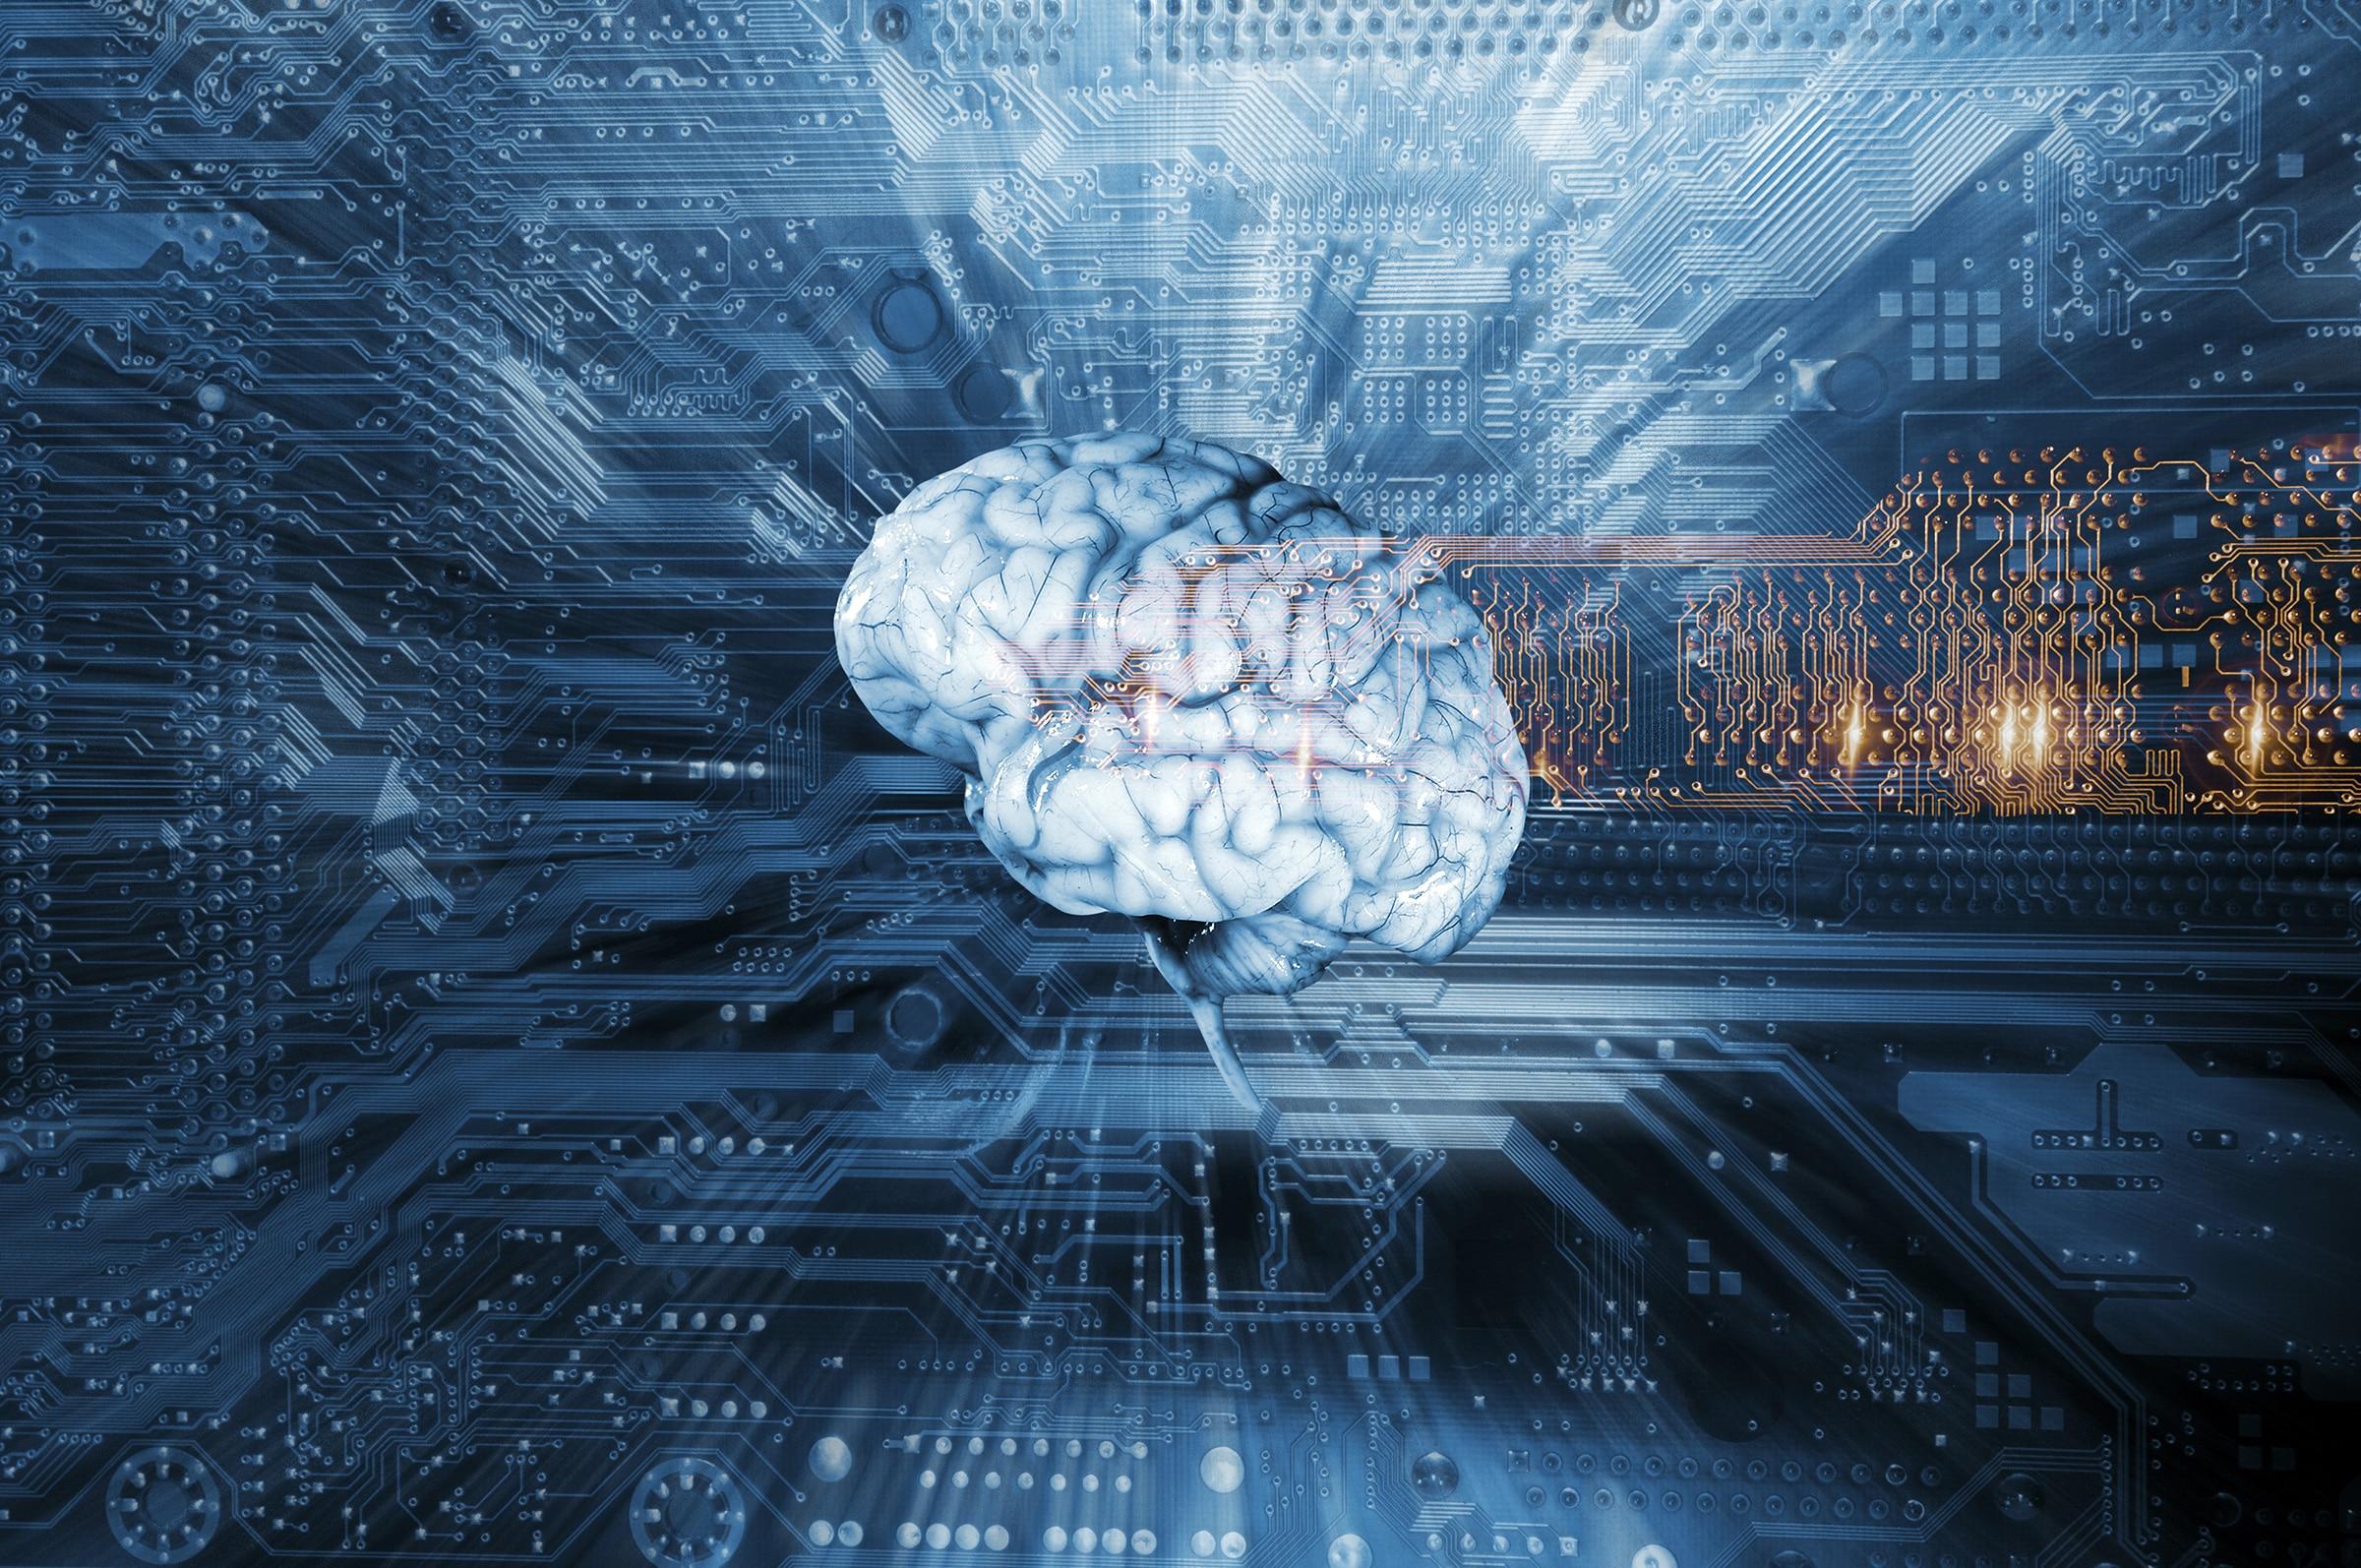 Cérebro de inteligência artificial